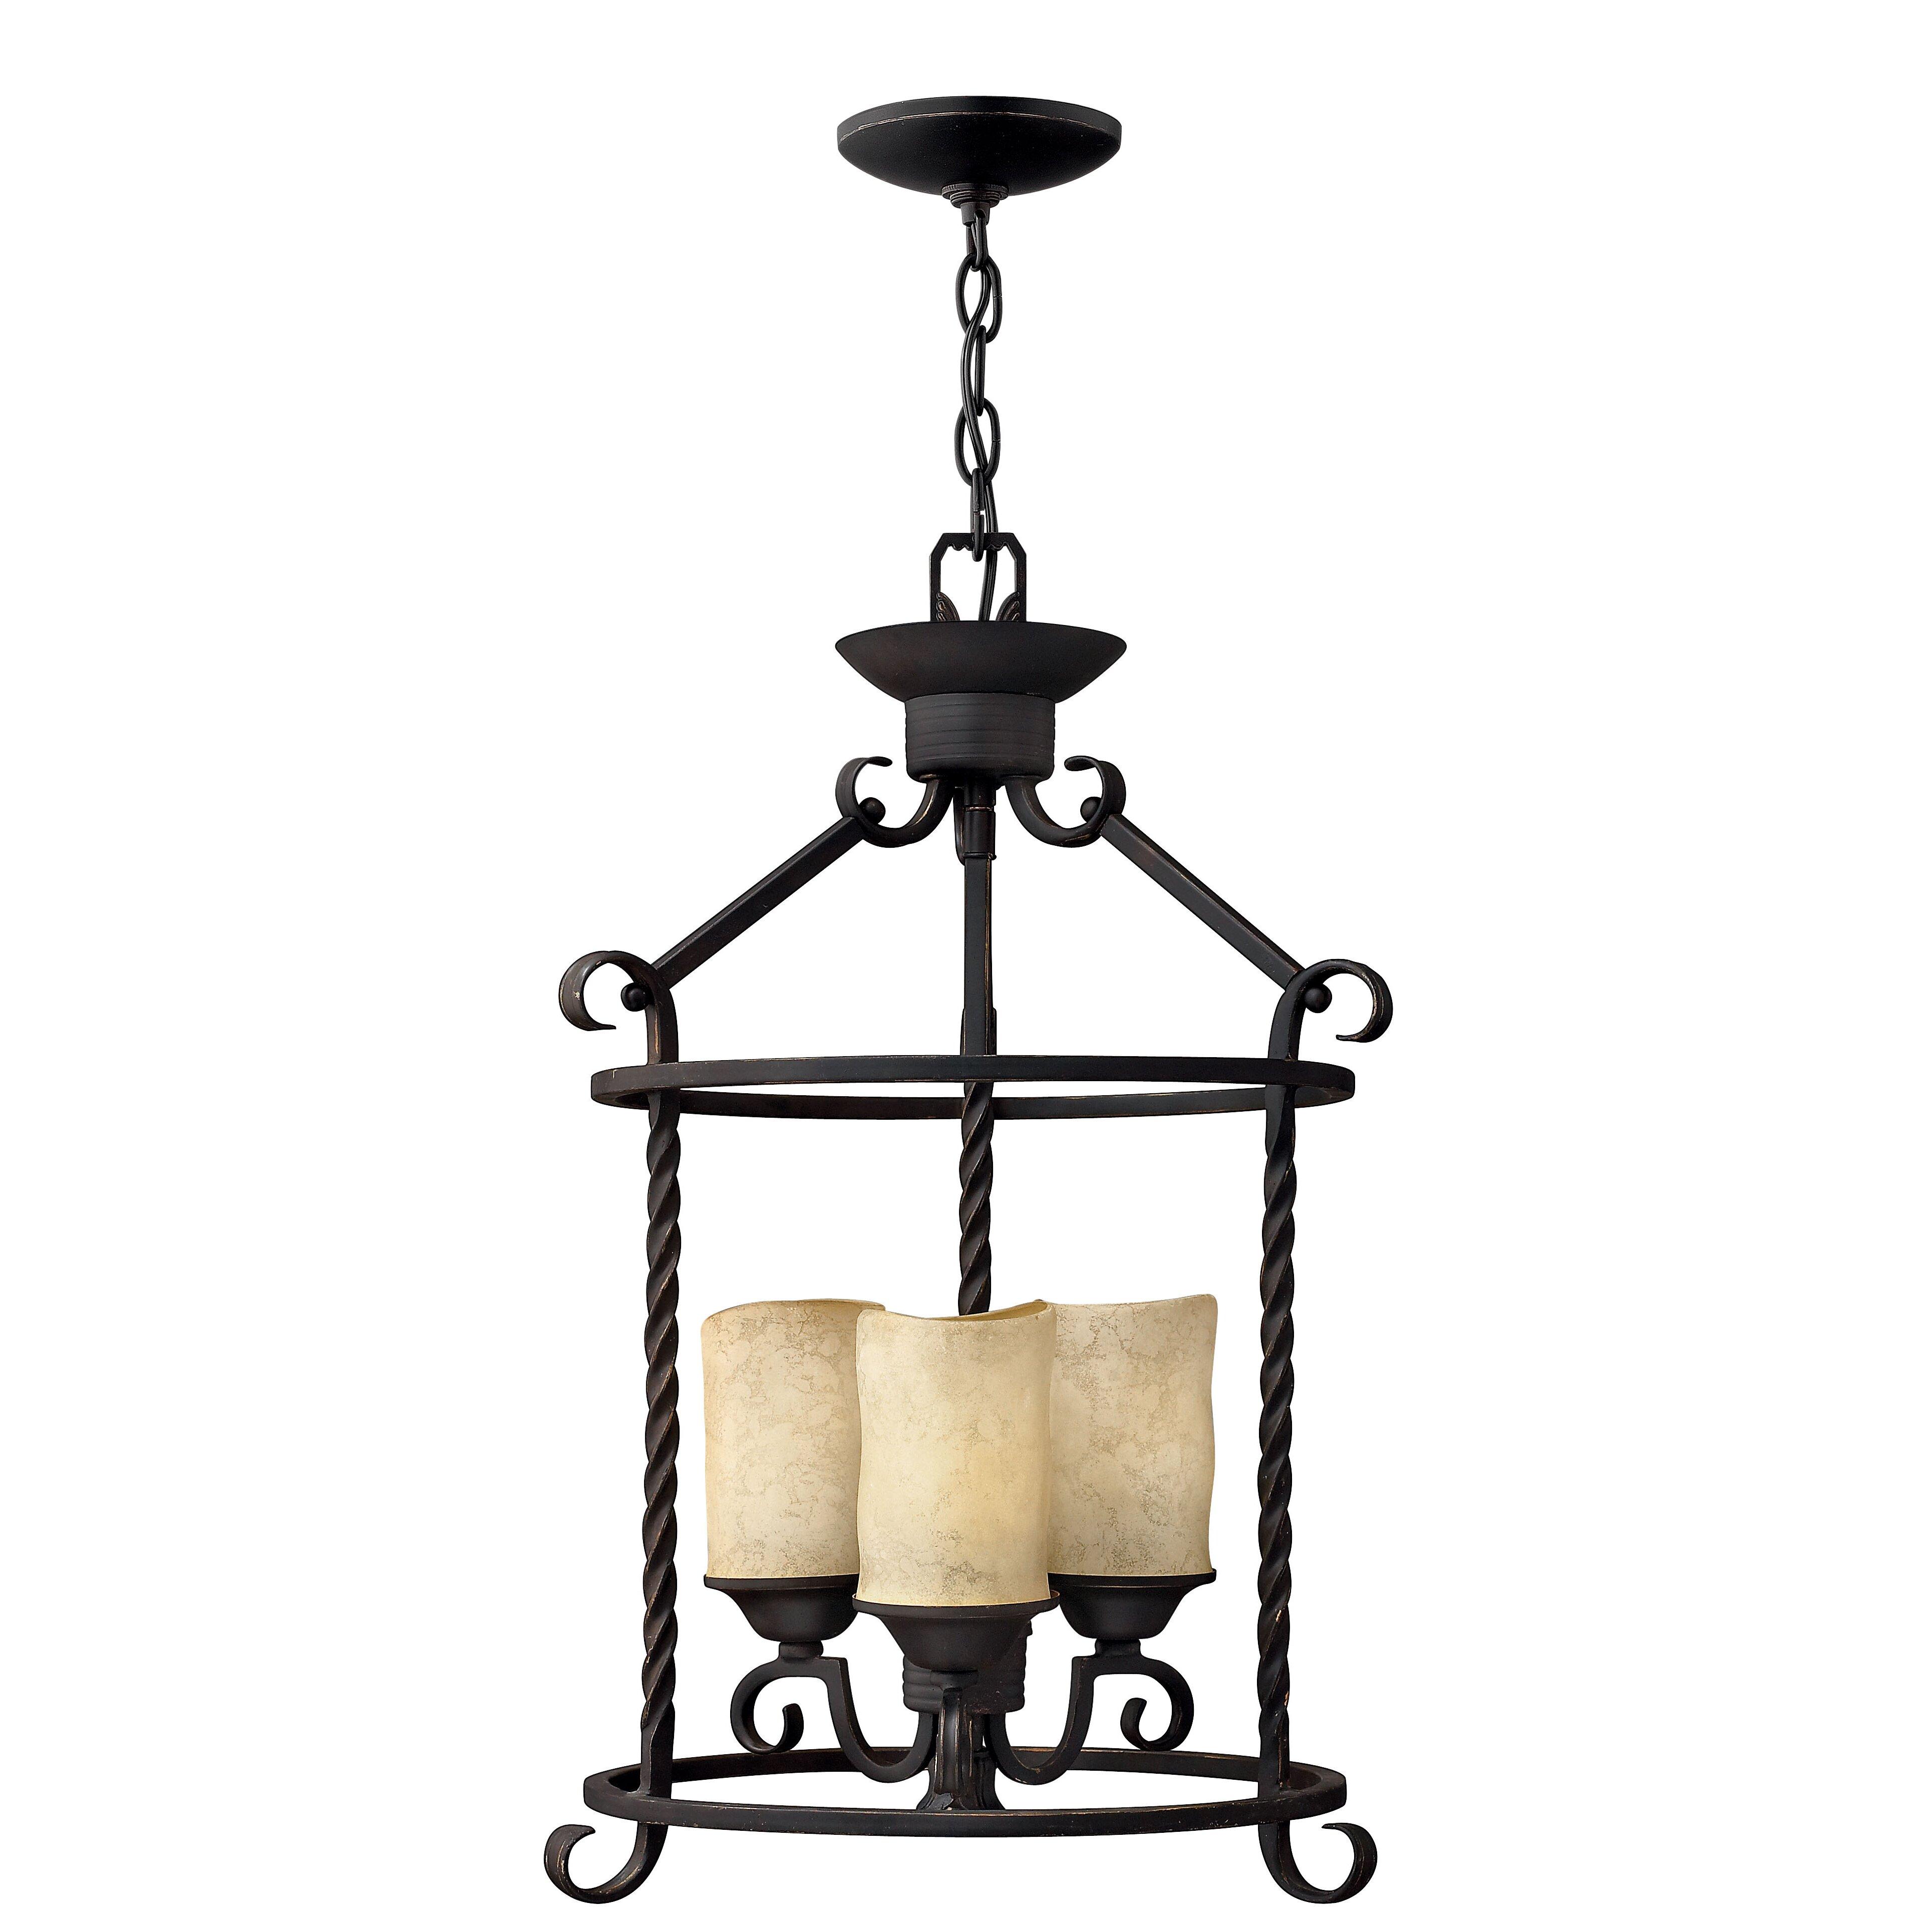 Foyer Ceiling Reviews : Hinkley lighting casa light foyer chandelier reviews